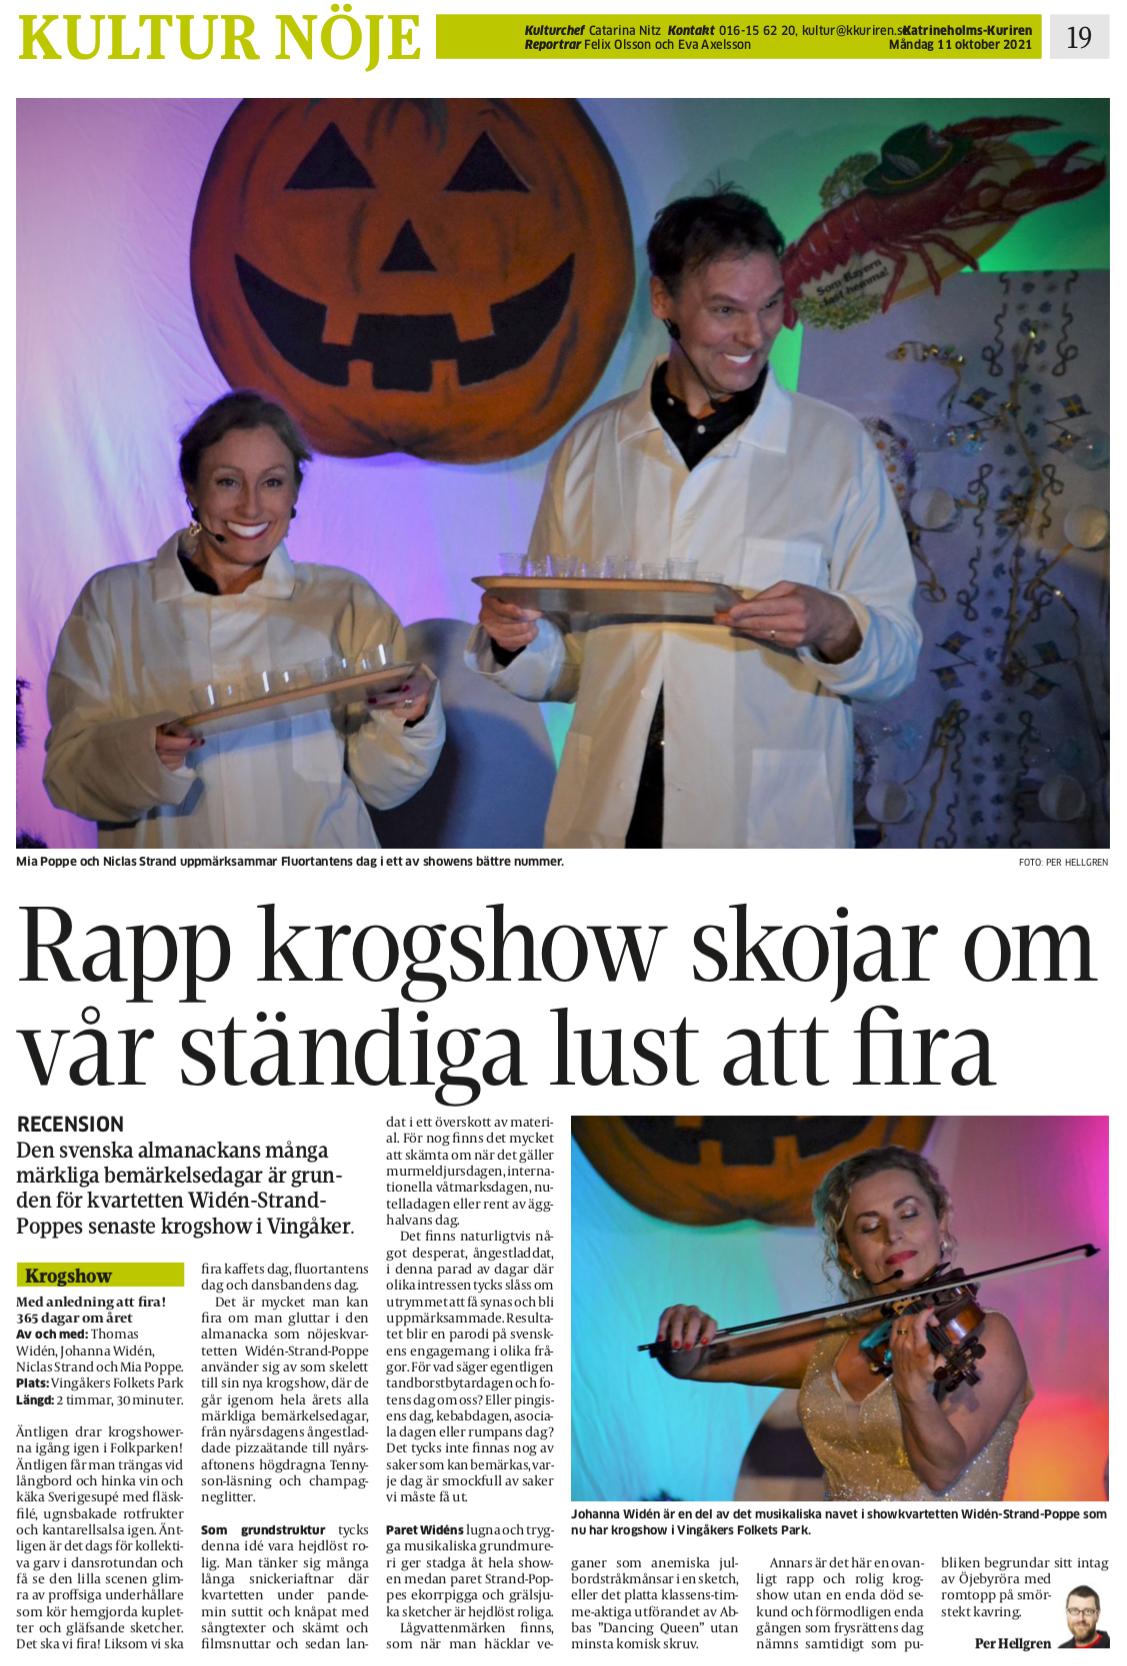 Recension Med anledning att fira! – Katrineholms-Kuriren